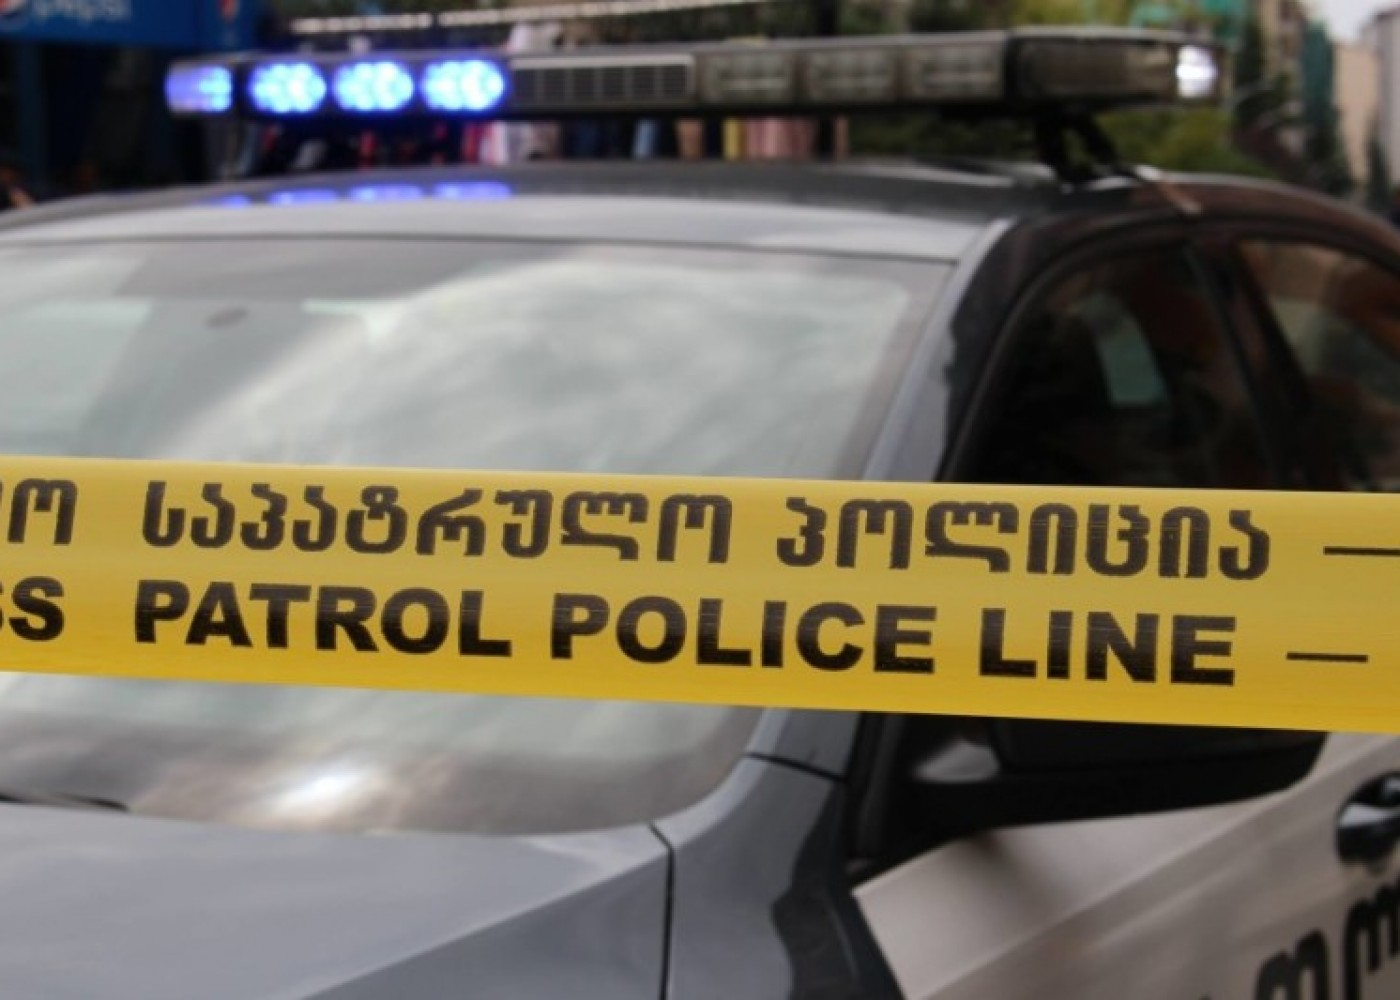 ბათუმი-ქობულეთის დამაკავშირებელ გვირაბში ავტოსაგზაო შემთხვევის შედეგად 5 ადამიანი დაშავდა